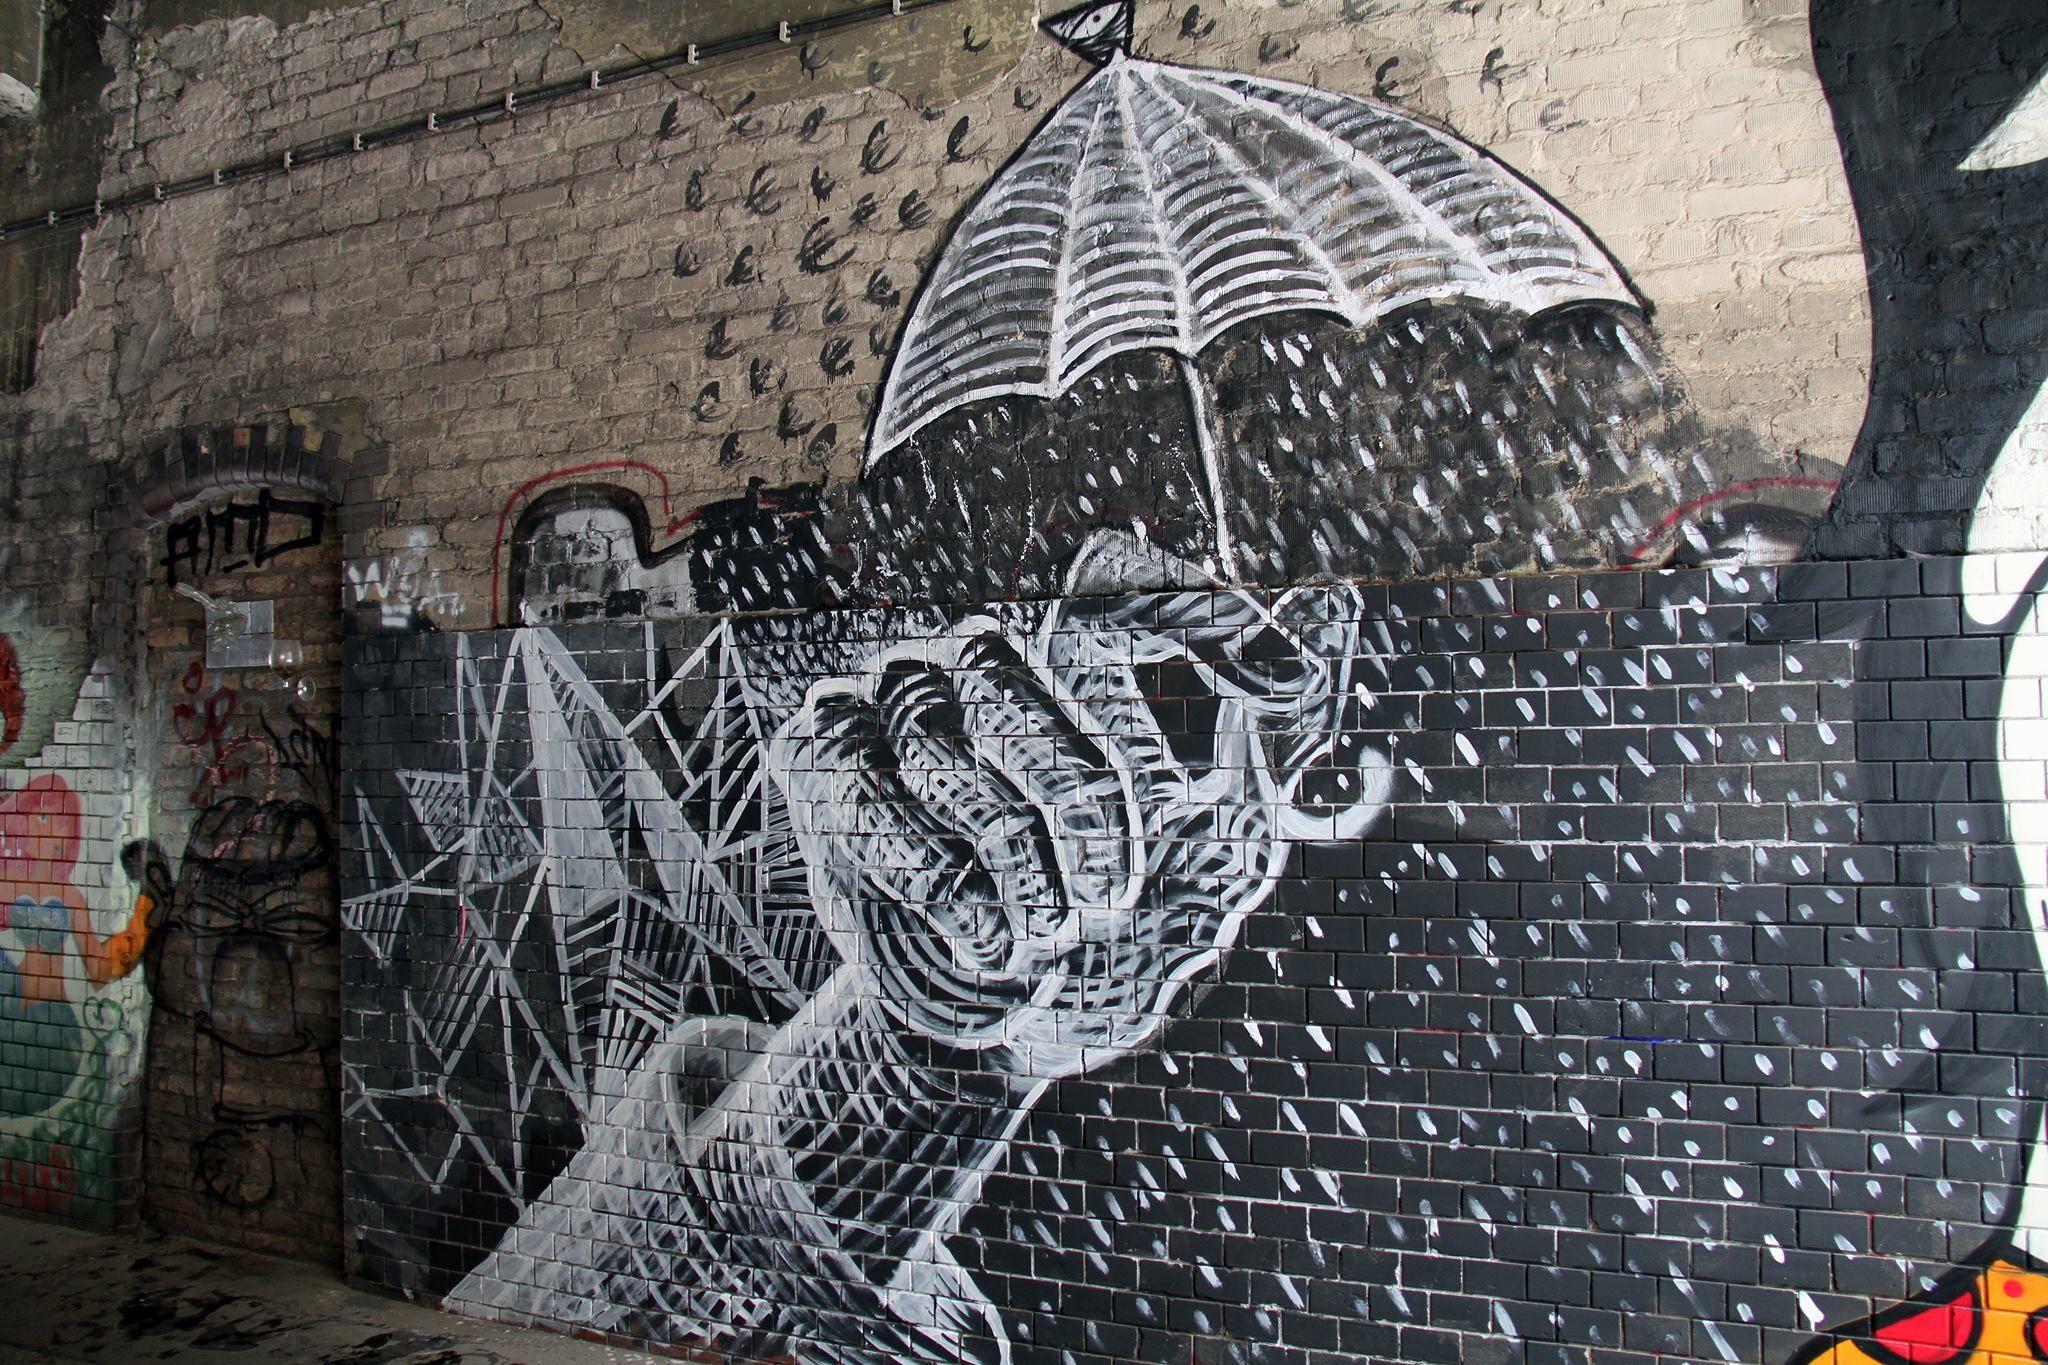 Street Art Berlin | Street art ..graffiti | Pinterest | Street art ...